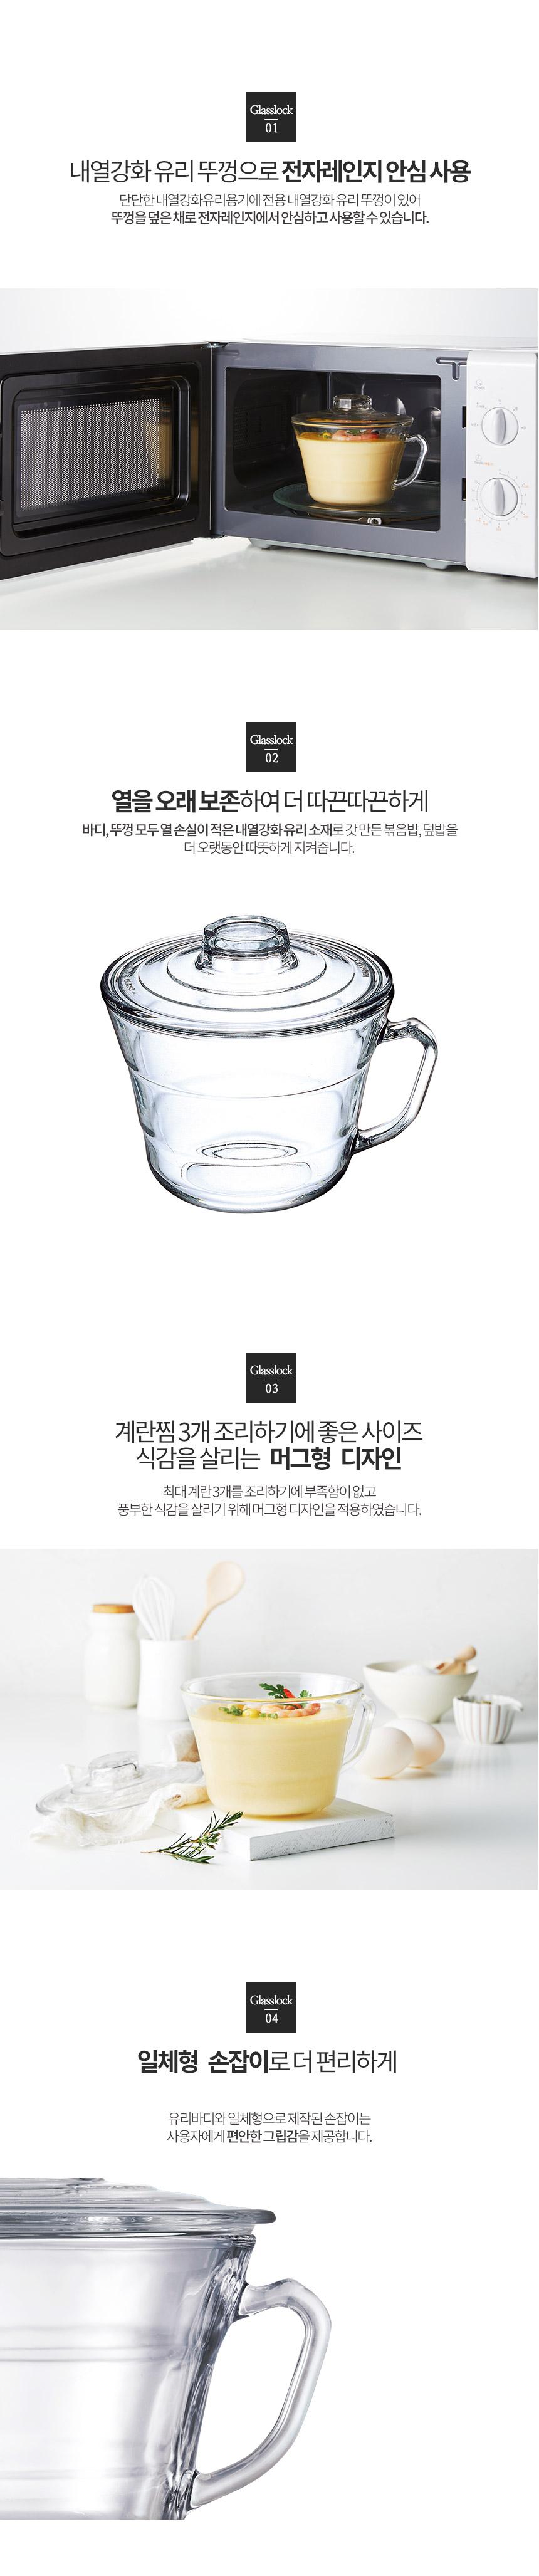 렌지쿡 계란찜용 705ml_02.jpg